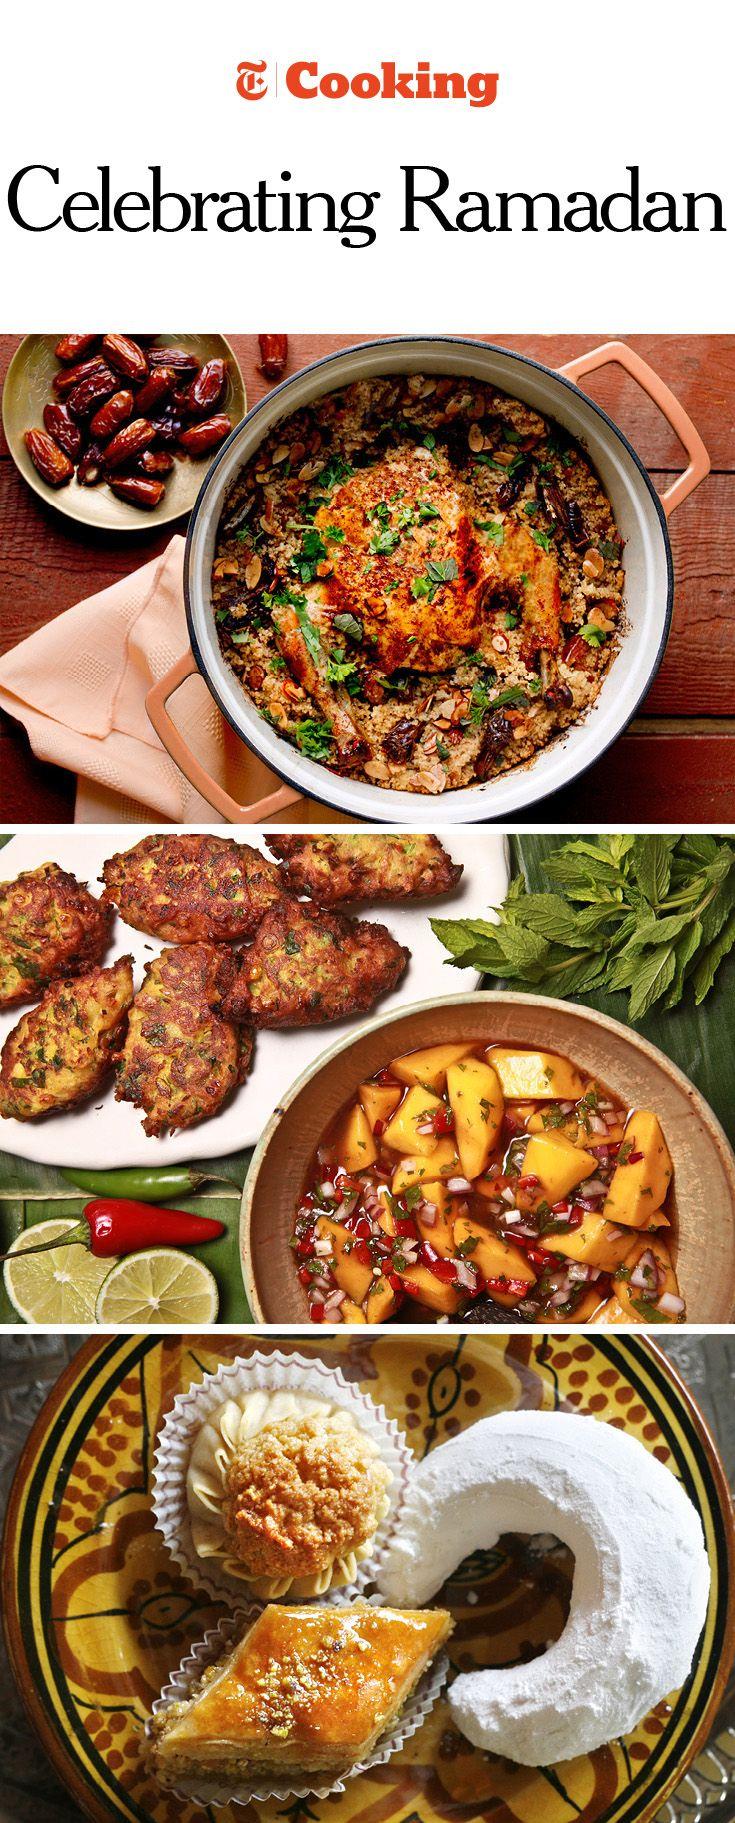 Amazing Iftar Eid Al-Fitr Food - 0a5a241db4a173a422837278ee4044ec  Trends_531472 .jpg